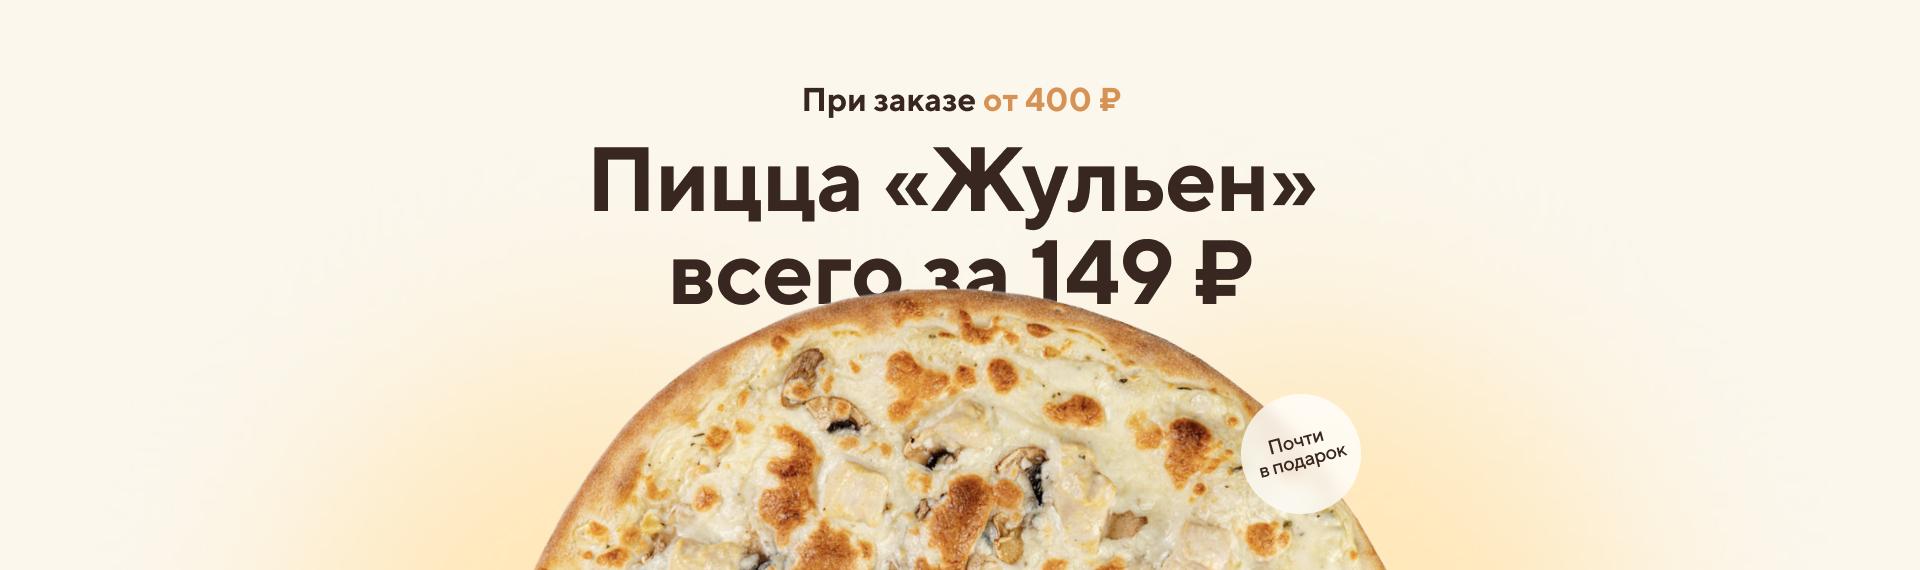 Пицца жульен за 149 рублей при заказе от 400 рублей